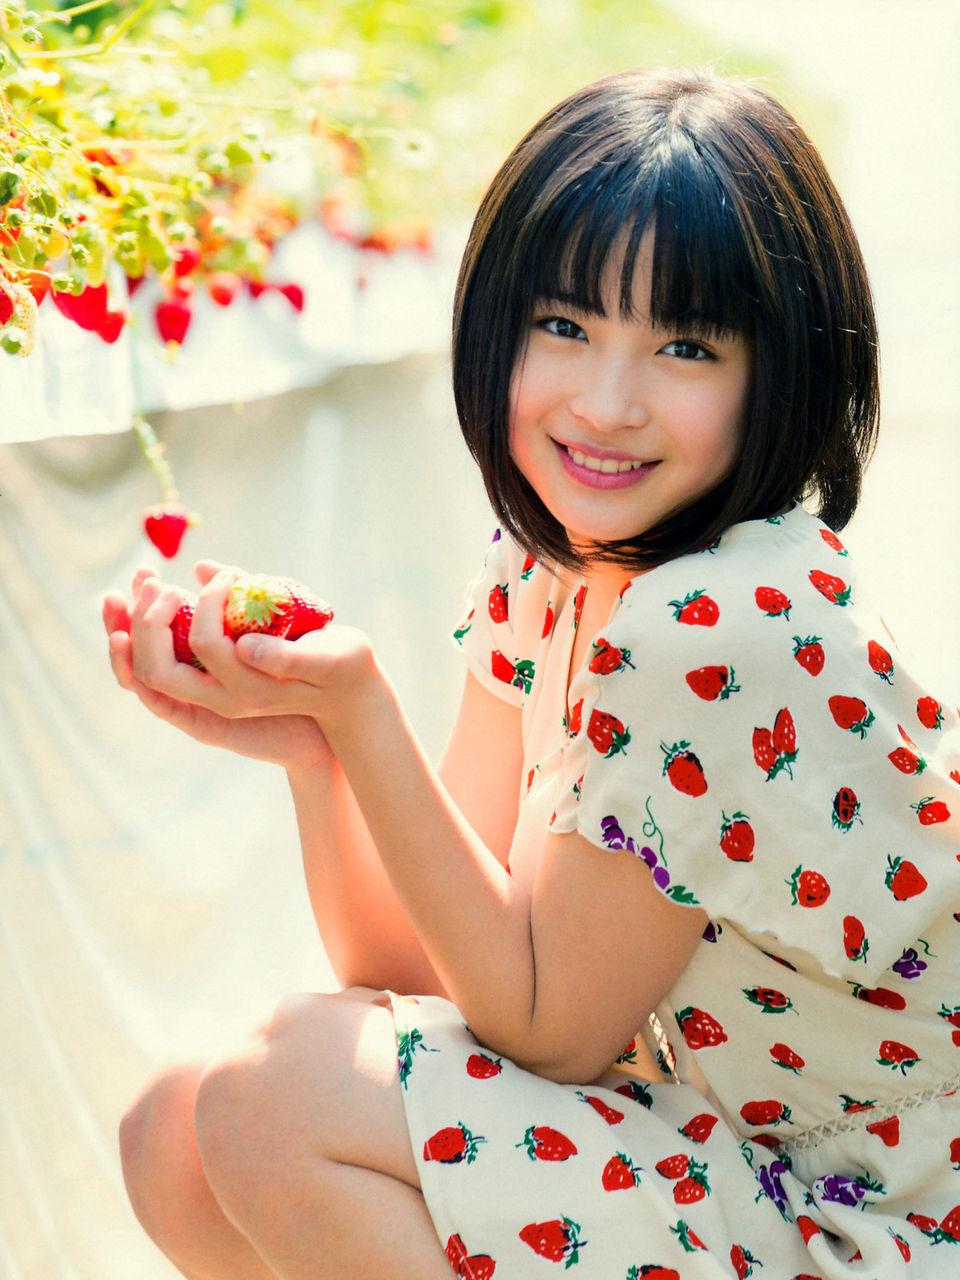 広瀬すずちゃん 中学3年生 6月19日 水 15才のお誕生日おめでとう